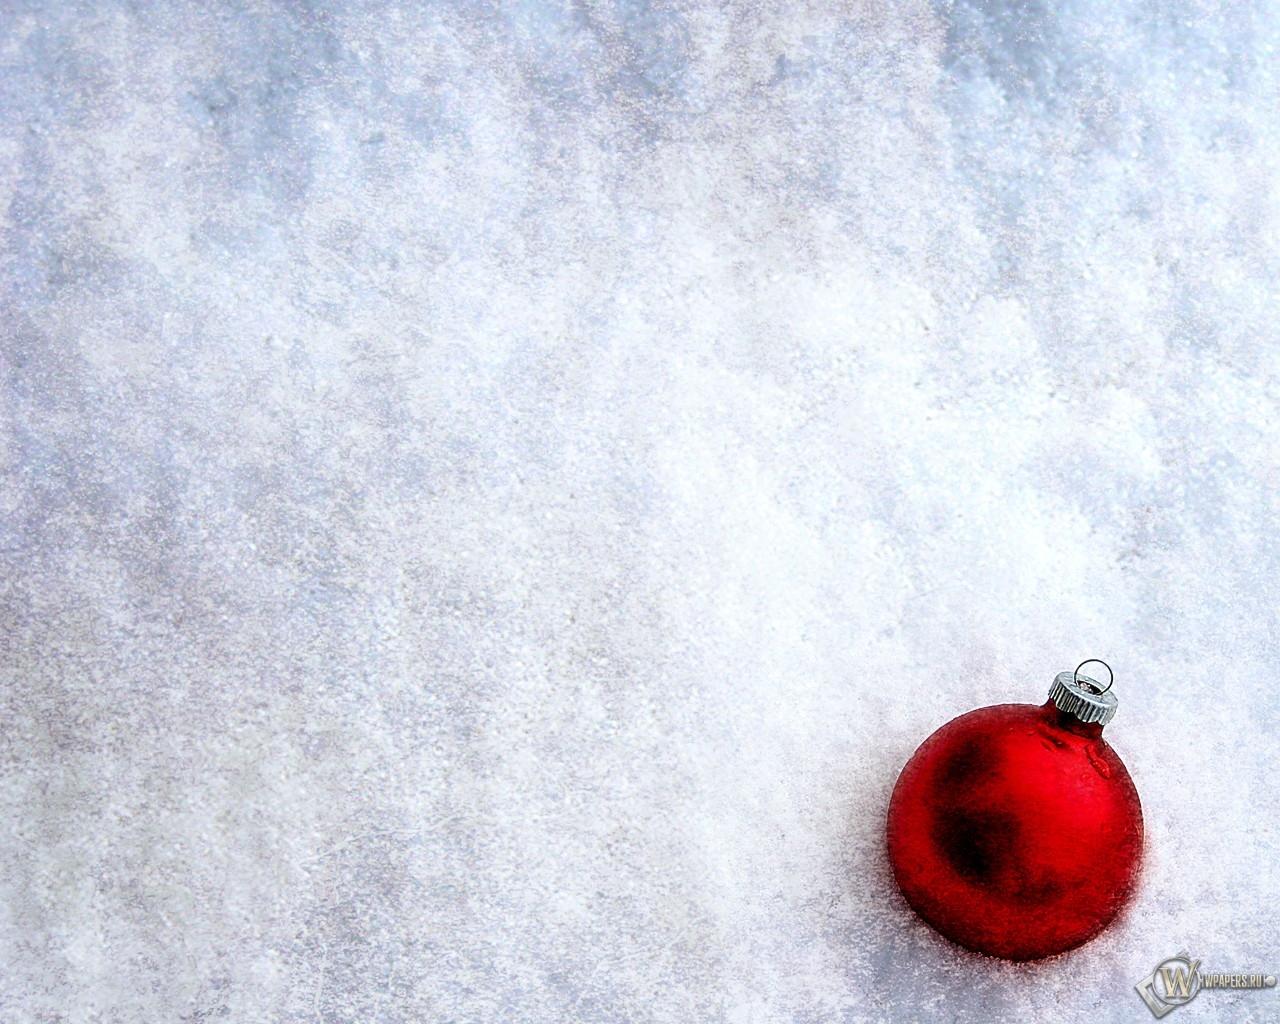 Шар в снегу 1280x1024